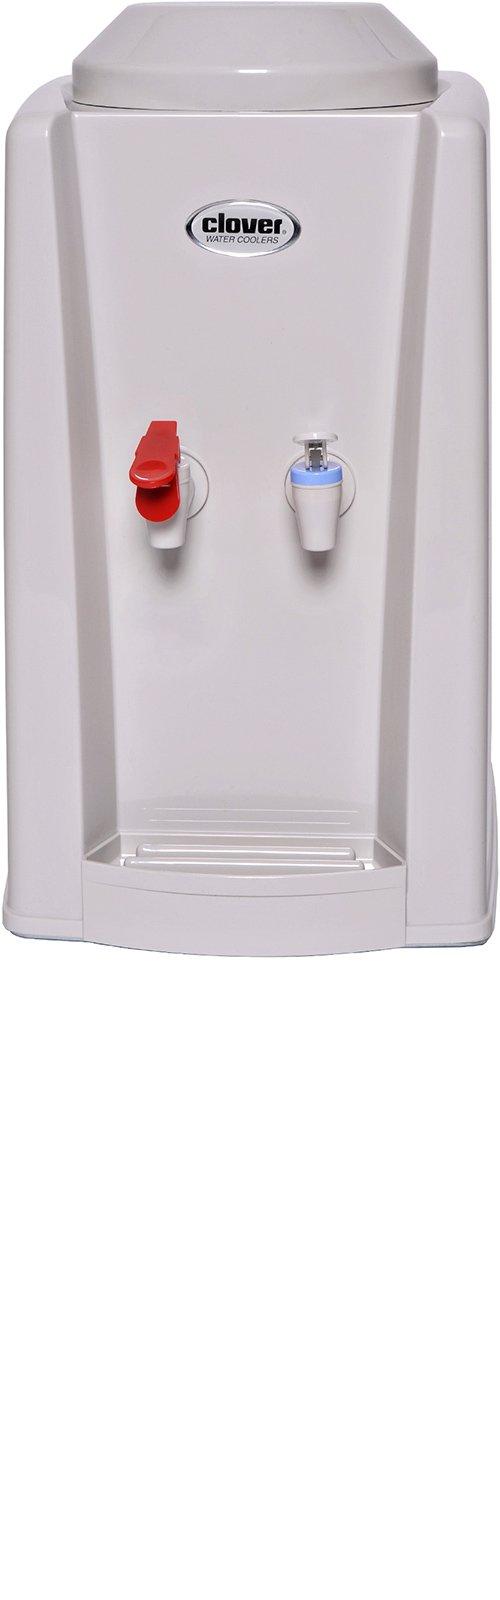 Countertop Bottleless Water Dispenser : Clover B9A Hot and Cold Countertop Bottleless Water Dispenser with ...